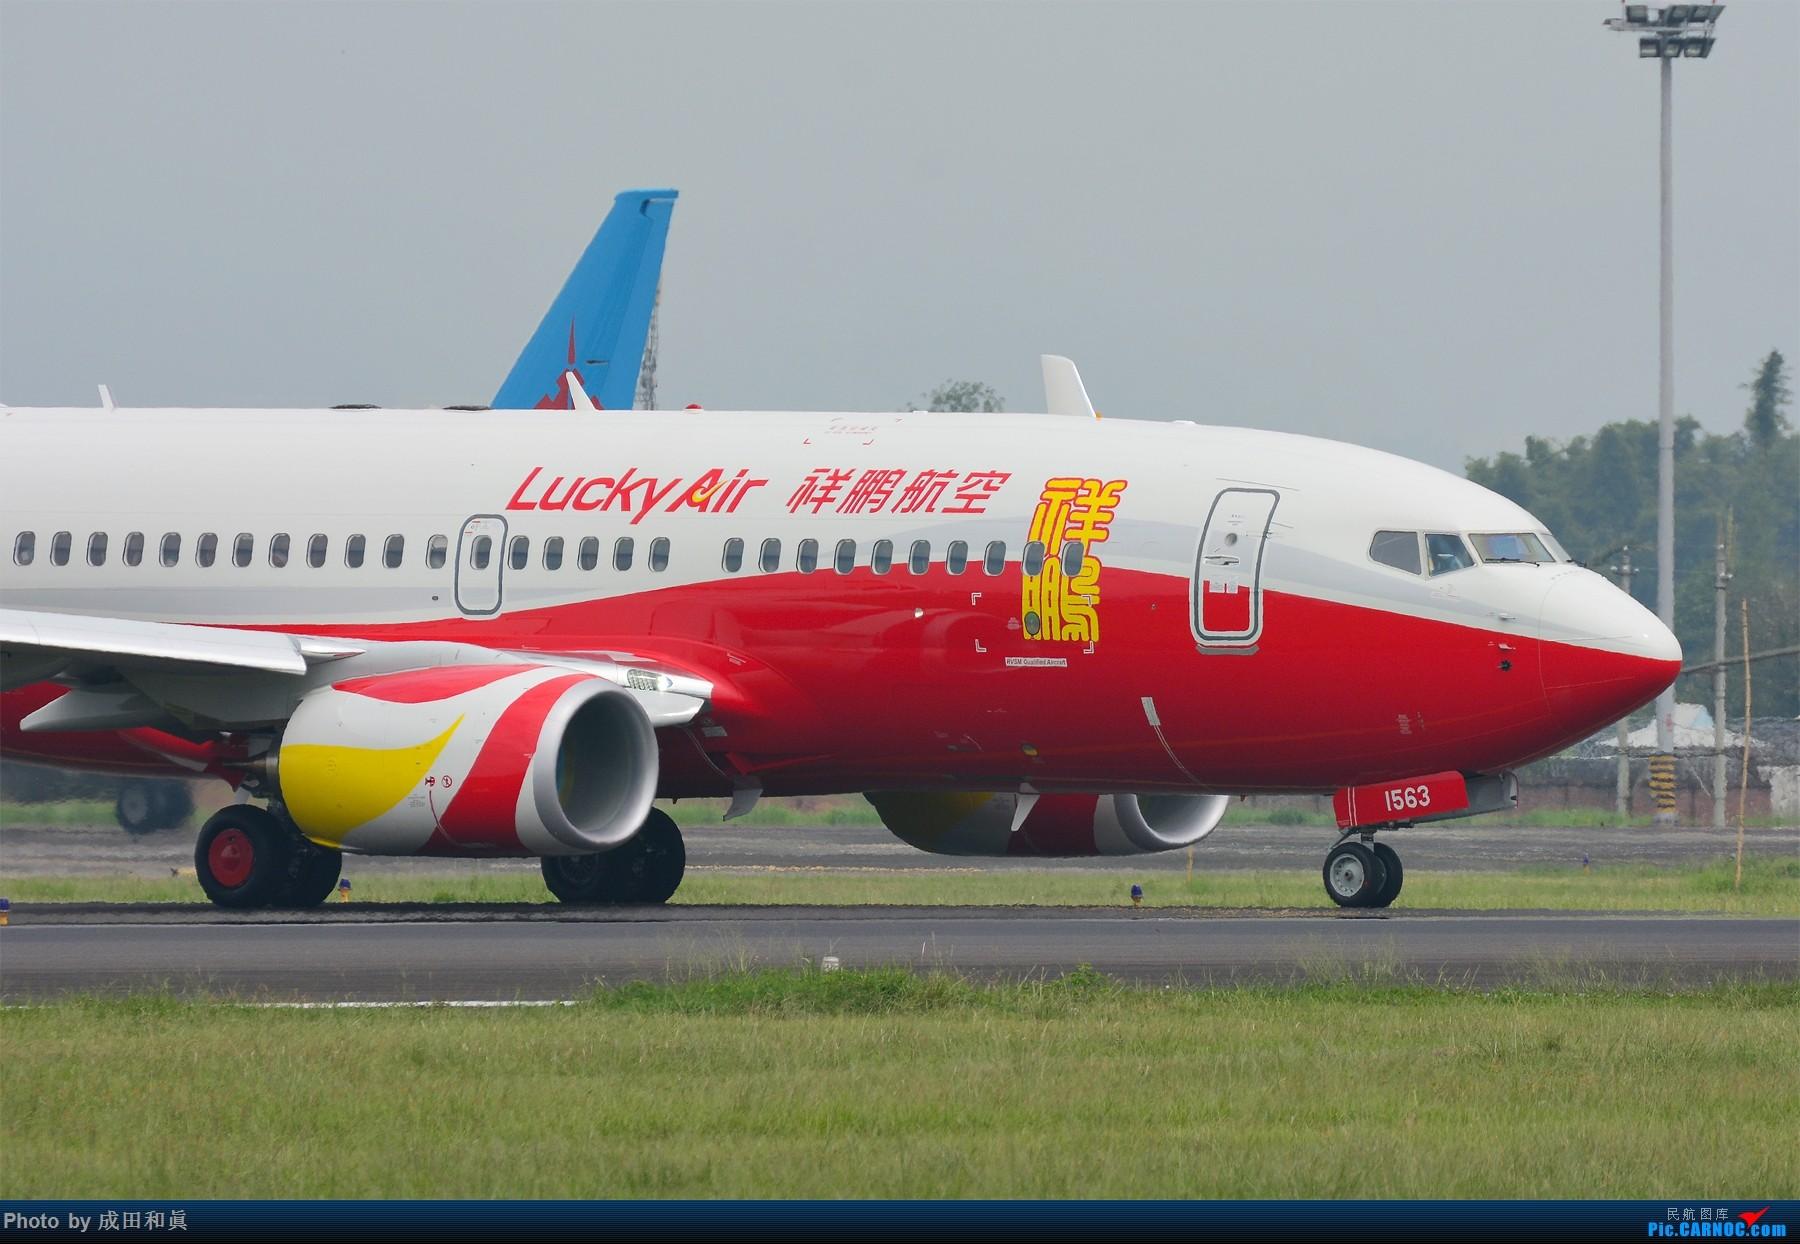 Re:[原创]论坛首发!组图:祥鹏航空B-1563。 BOEING 737-700 B-1563 中国芒市机场